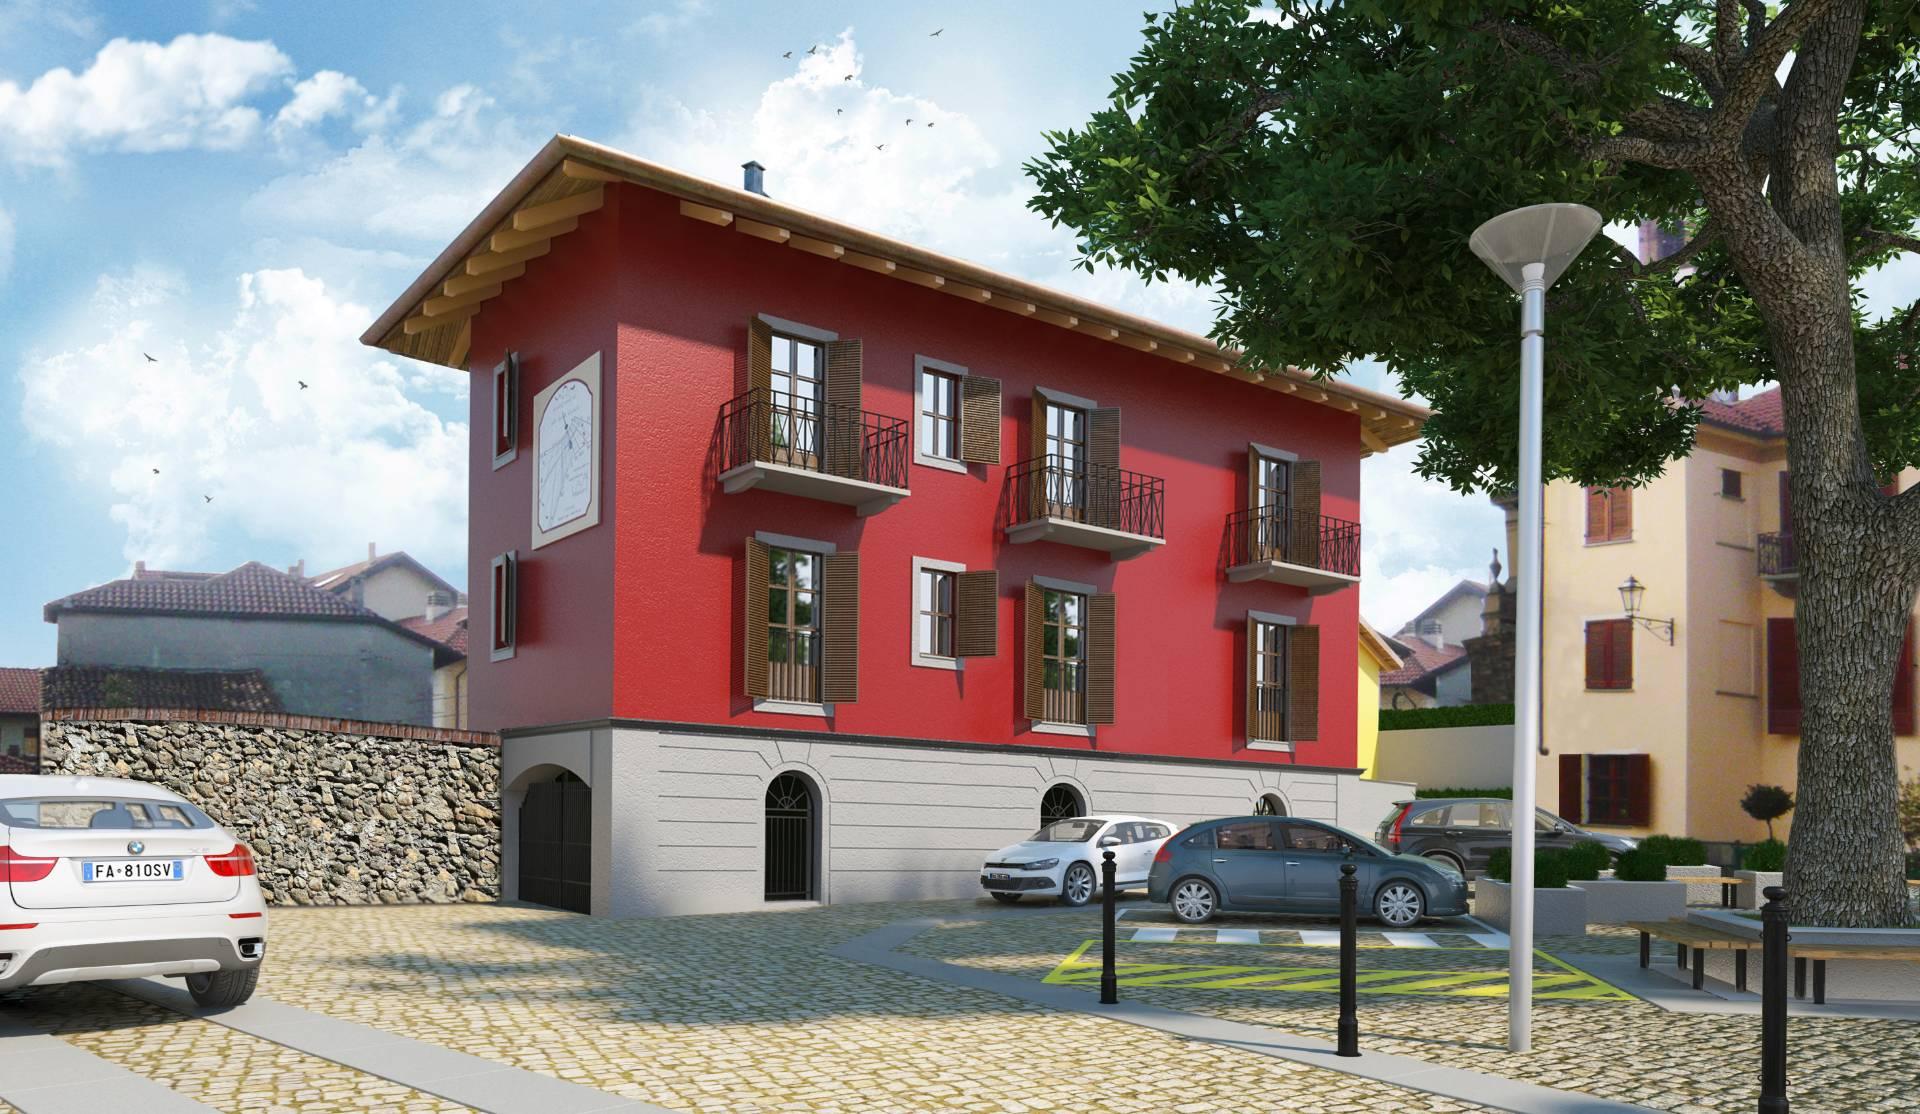 Appartamento in vendita a Villarbasse, 2 locali, zona Località: Centro, prezzo € 188.000   CambioCasa.it